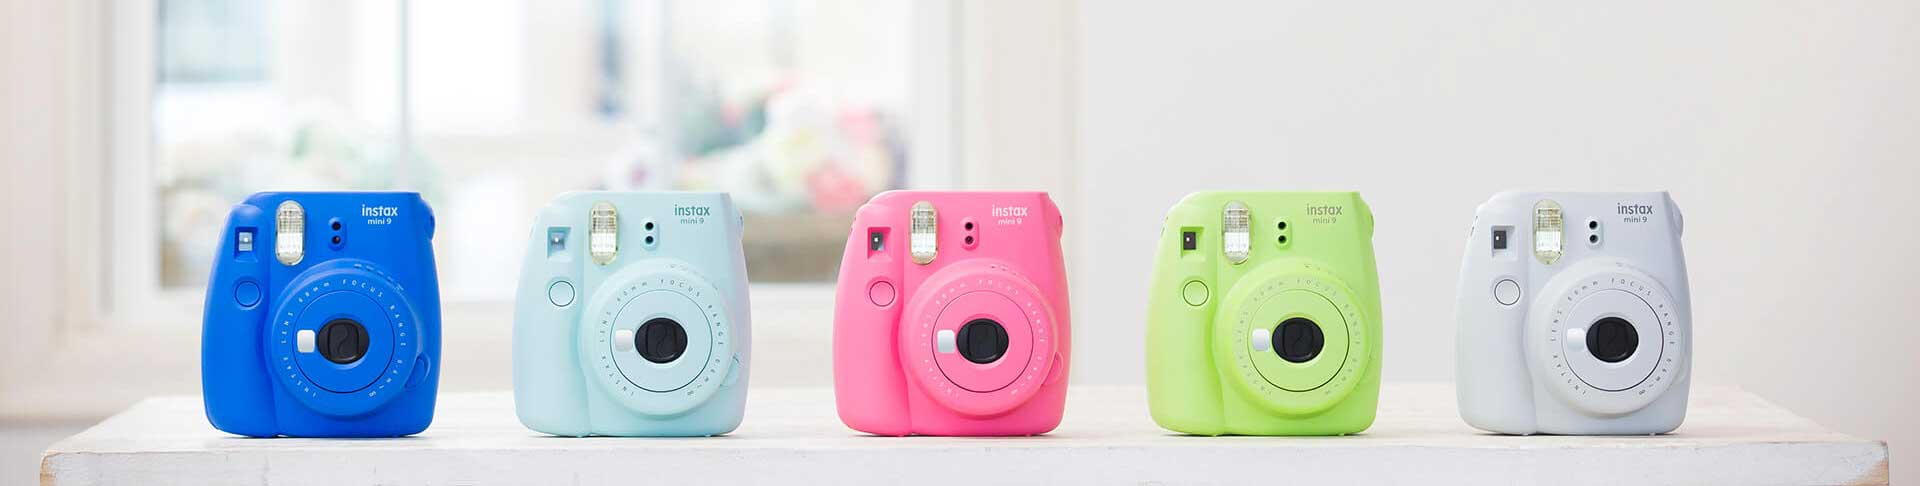 دوربین اینستکس مینی 9